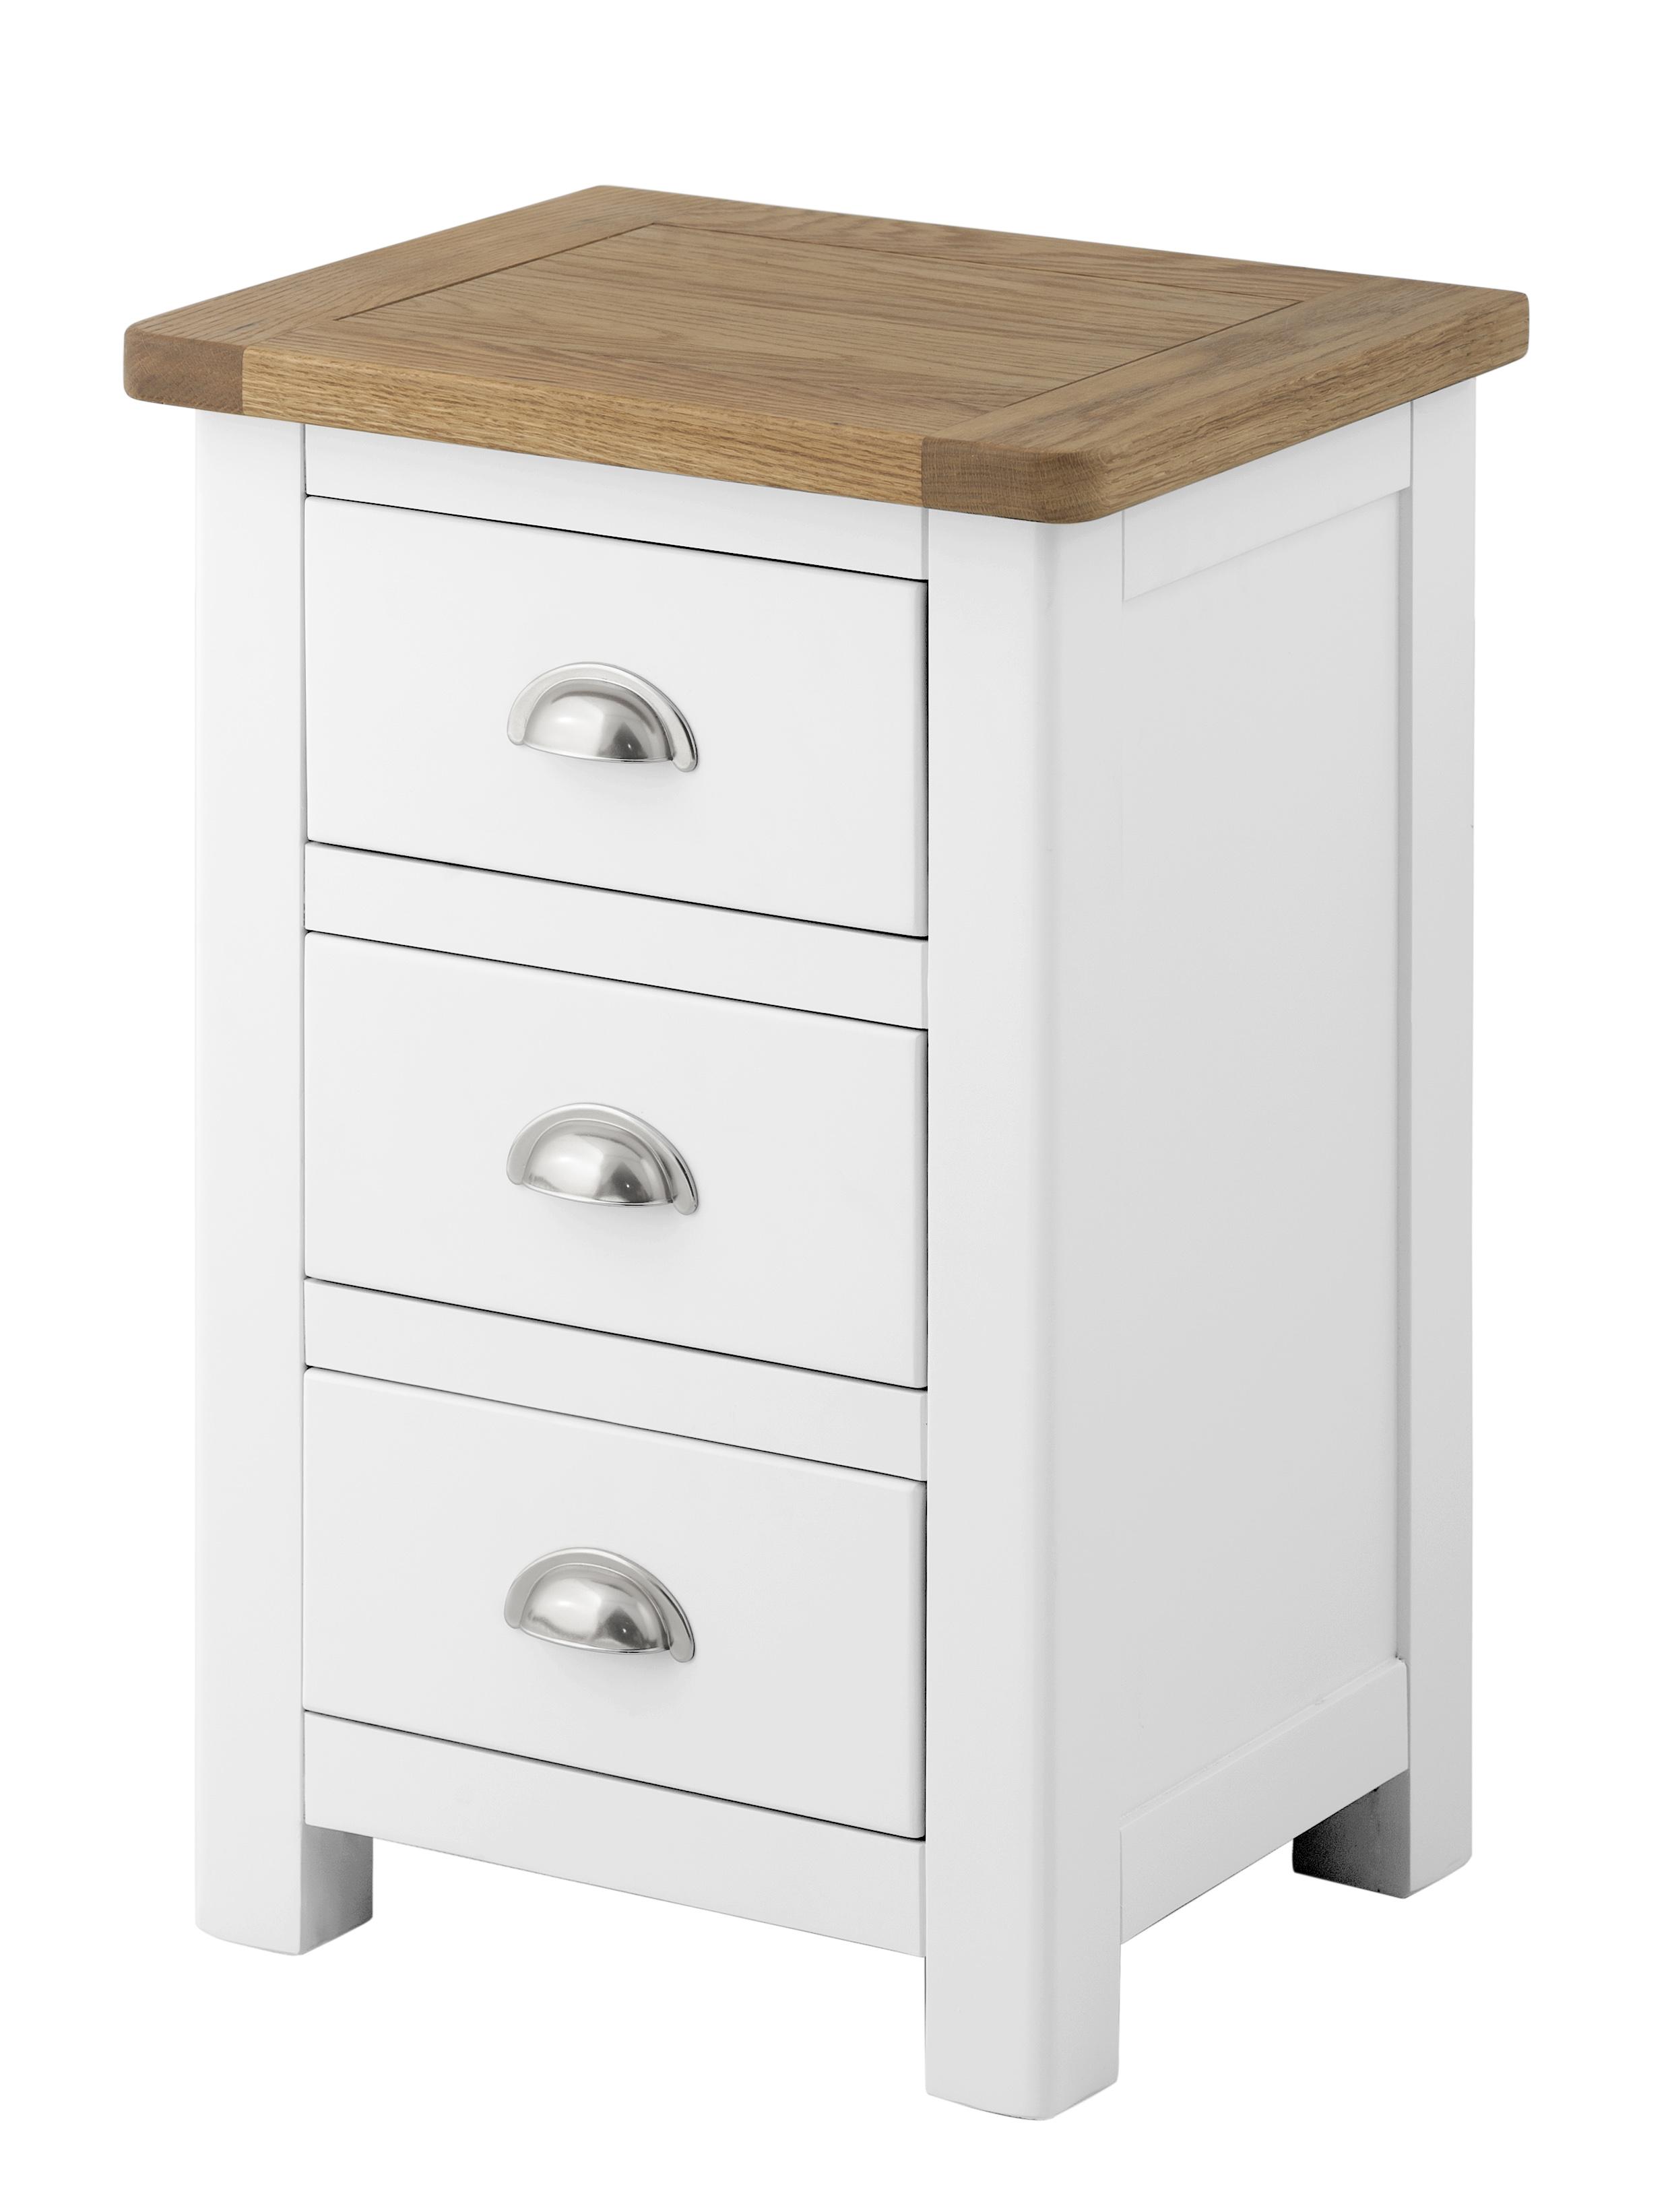 PRESTON 3 Drawer Bedside Cabinet